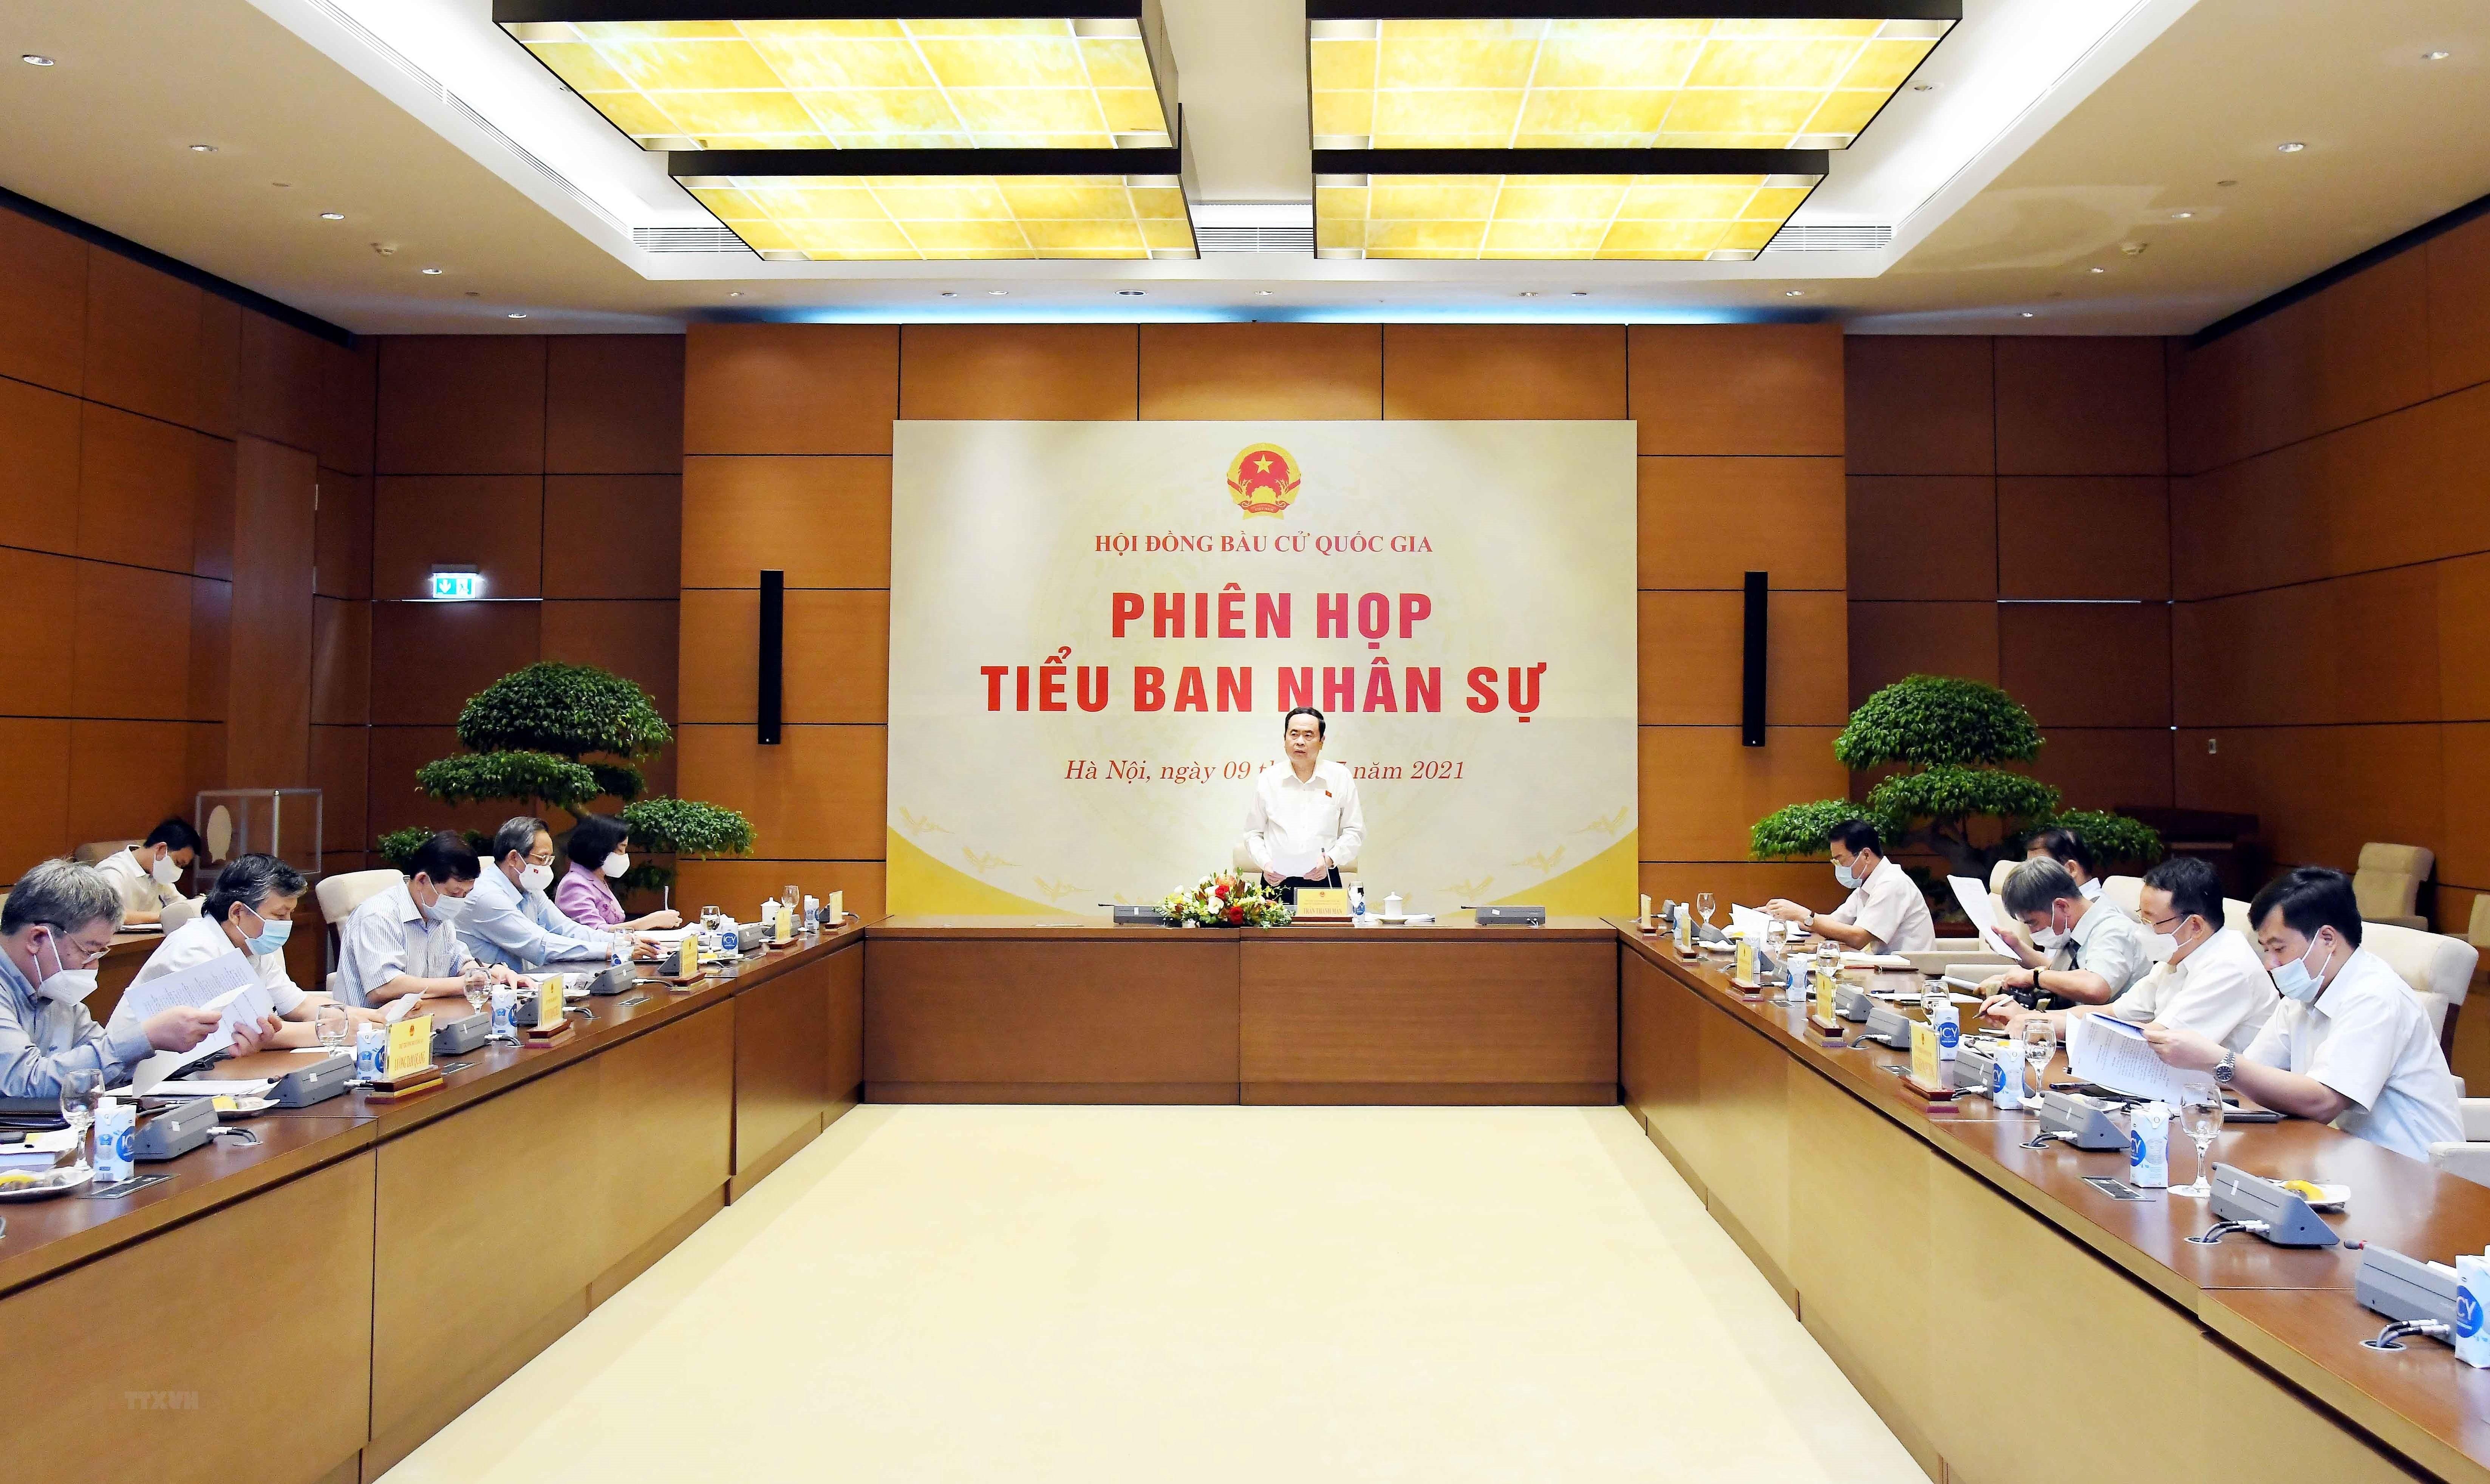 Phien hop thu 4 Tieu ban Nhan su, Hoi dong Bau cu Quoc gia hinh anh 2